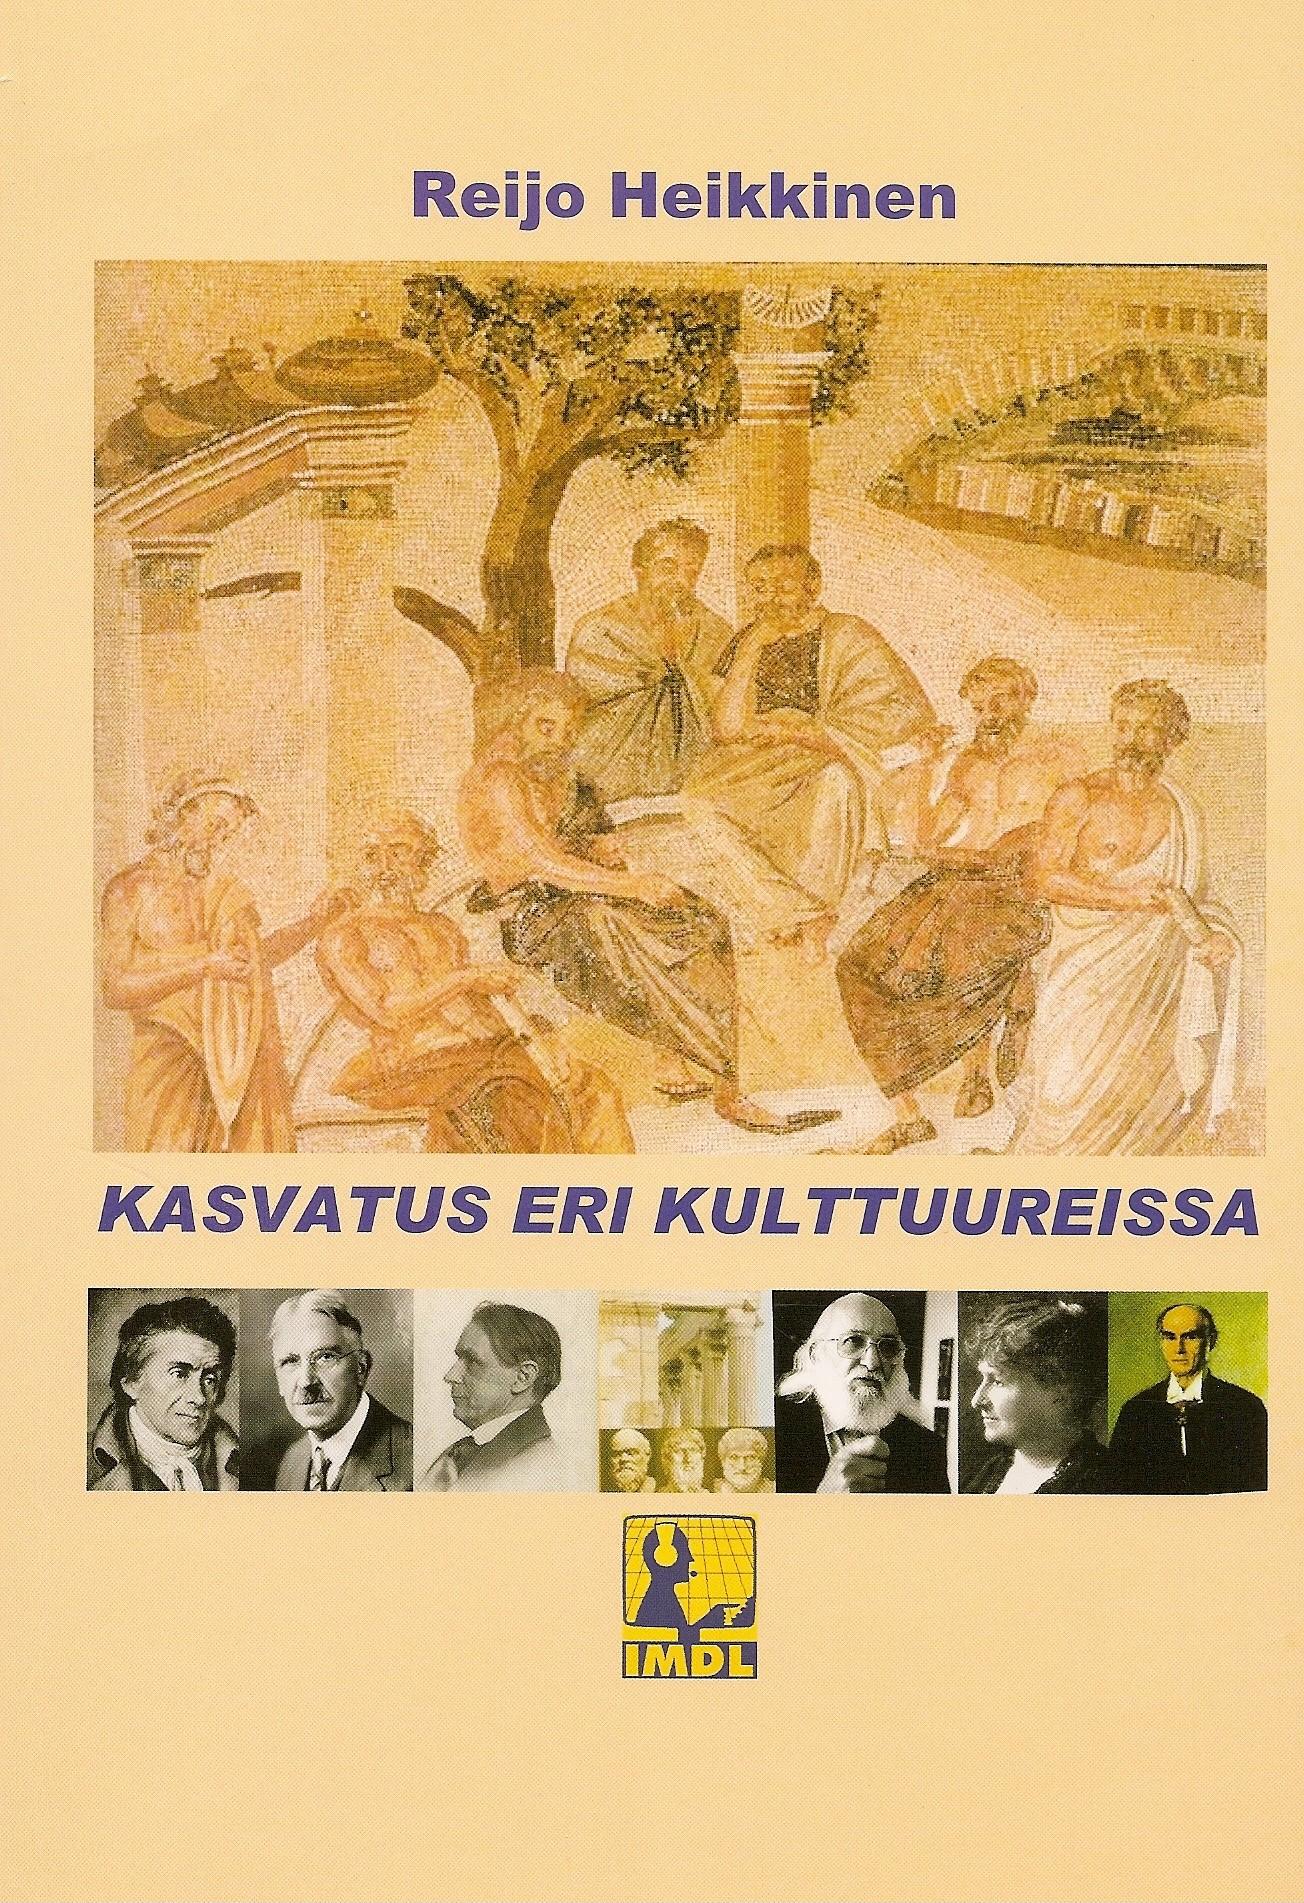 Kasvatus eri kulttuureissa 2003